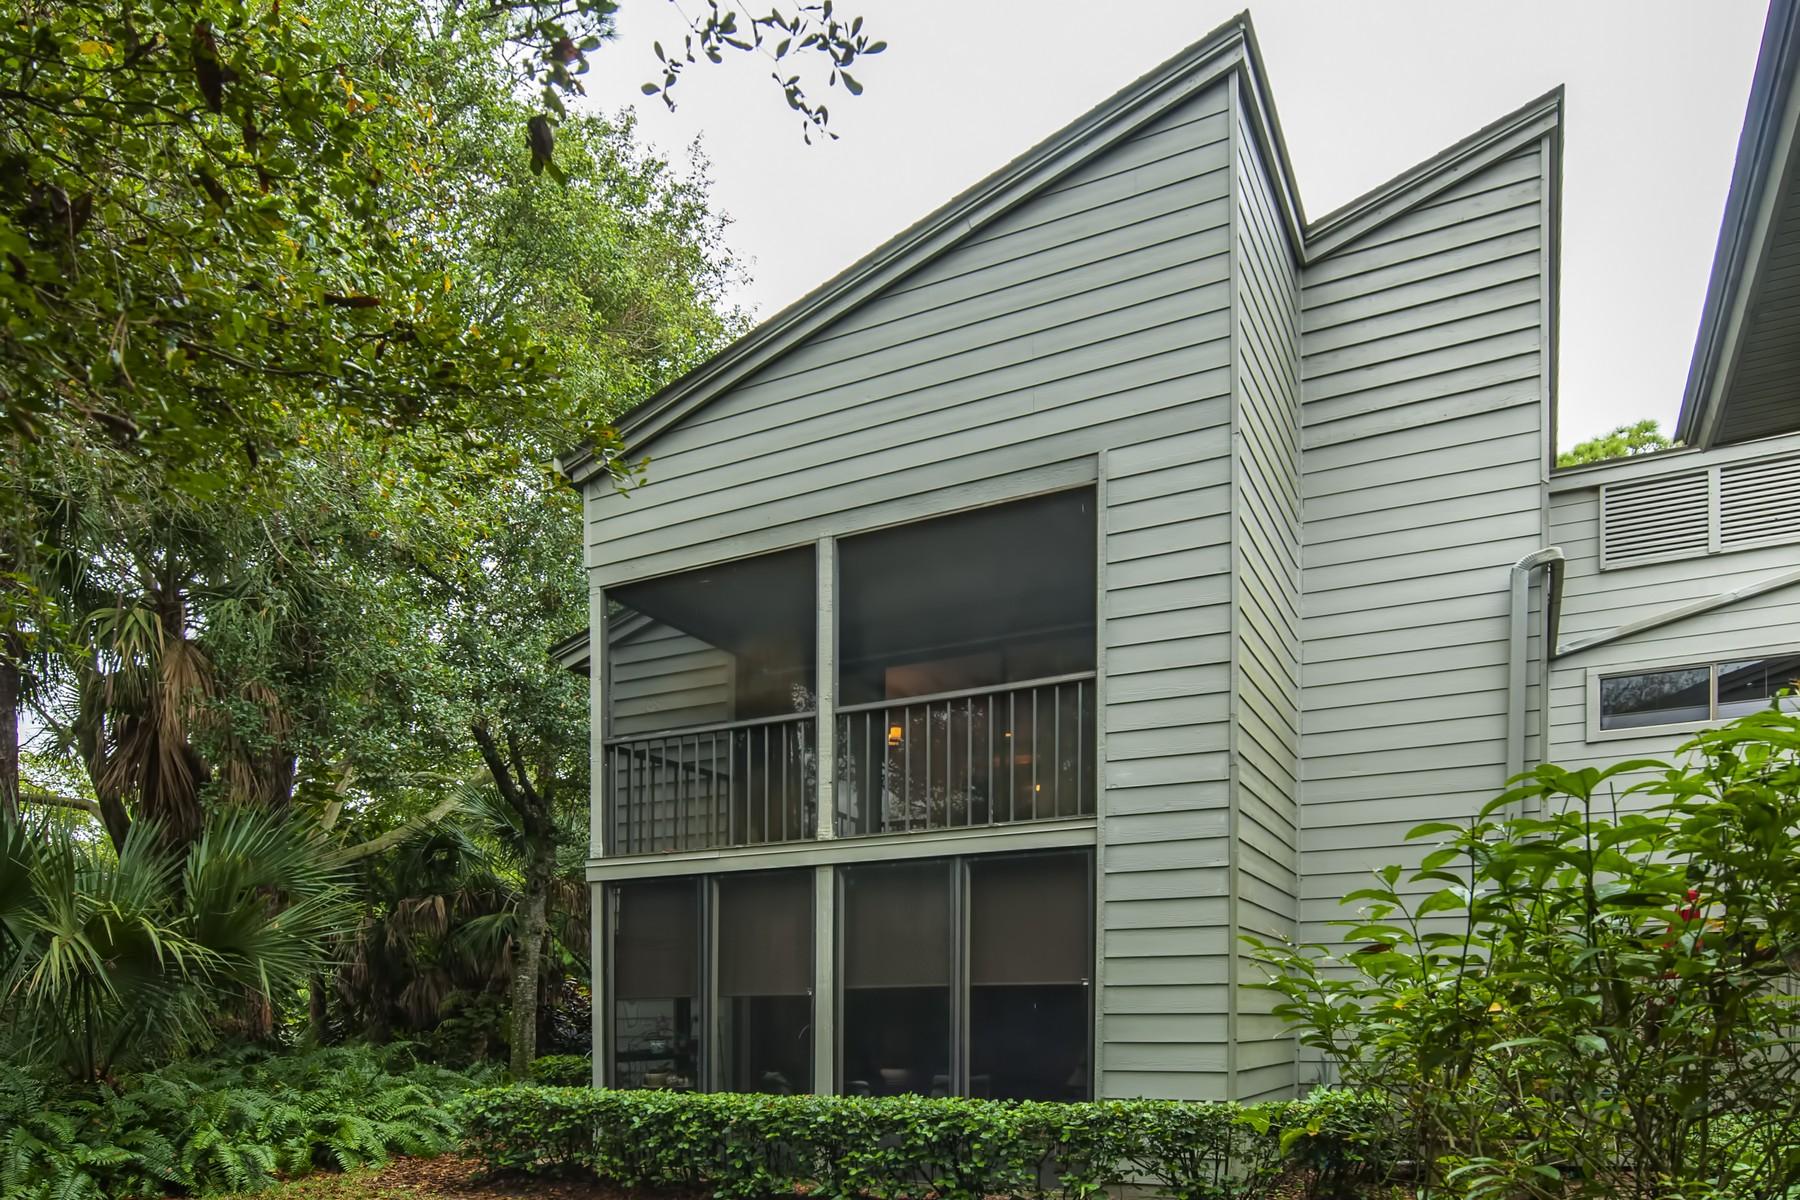 Condominium for Sale at Fabulous End Unit Condo 2180 Pine Creek Blvd #205 Vero Beach, Florida 32966 United States